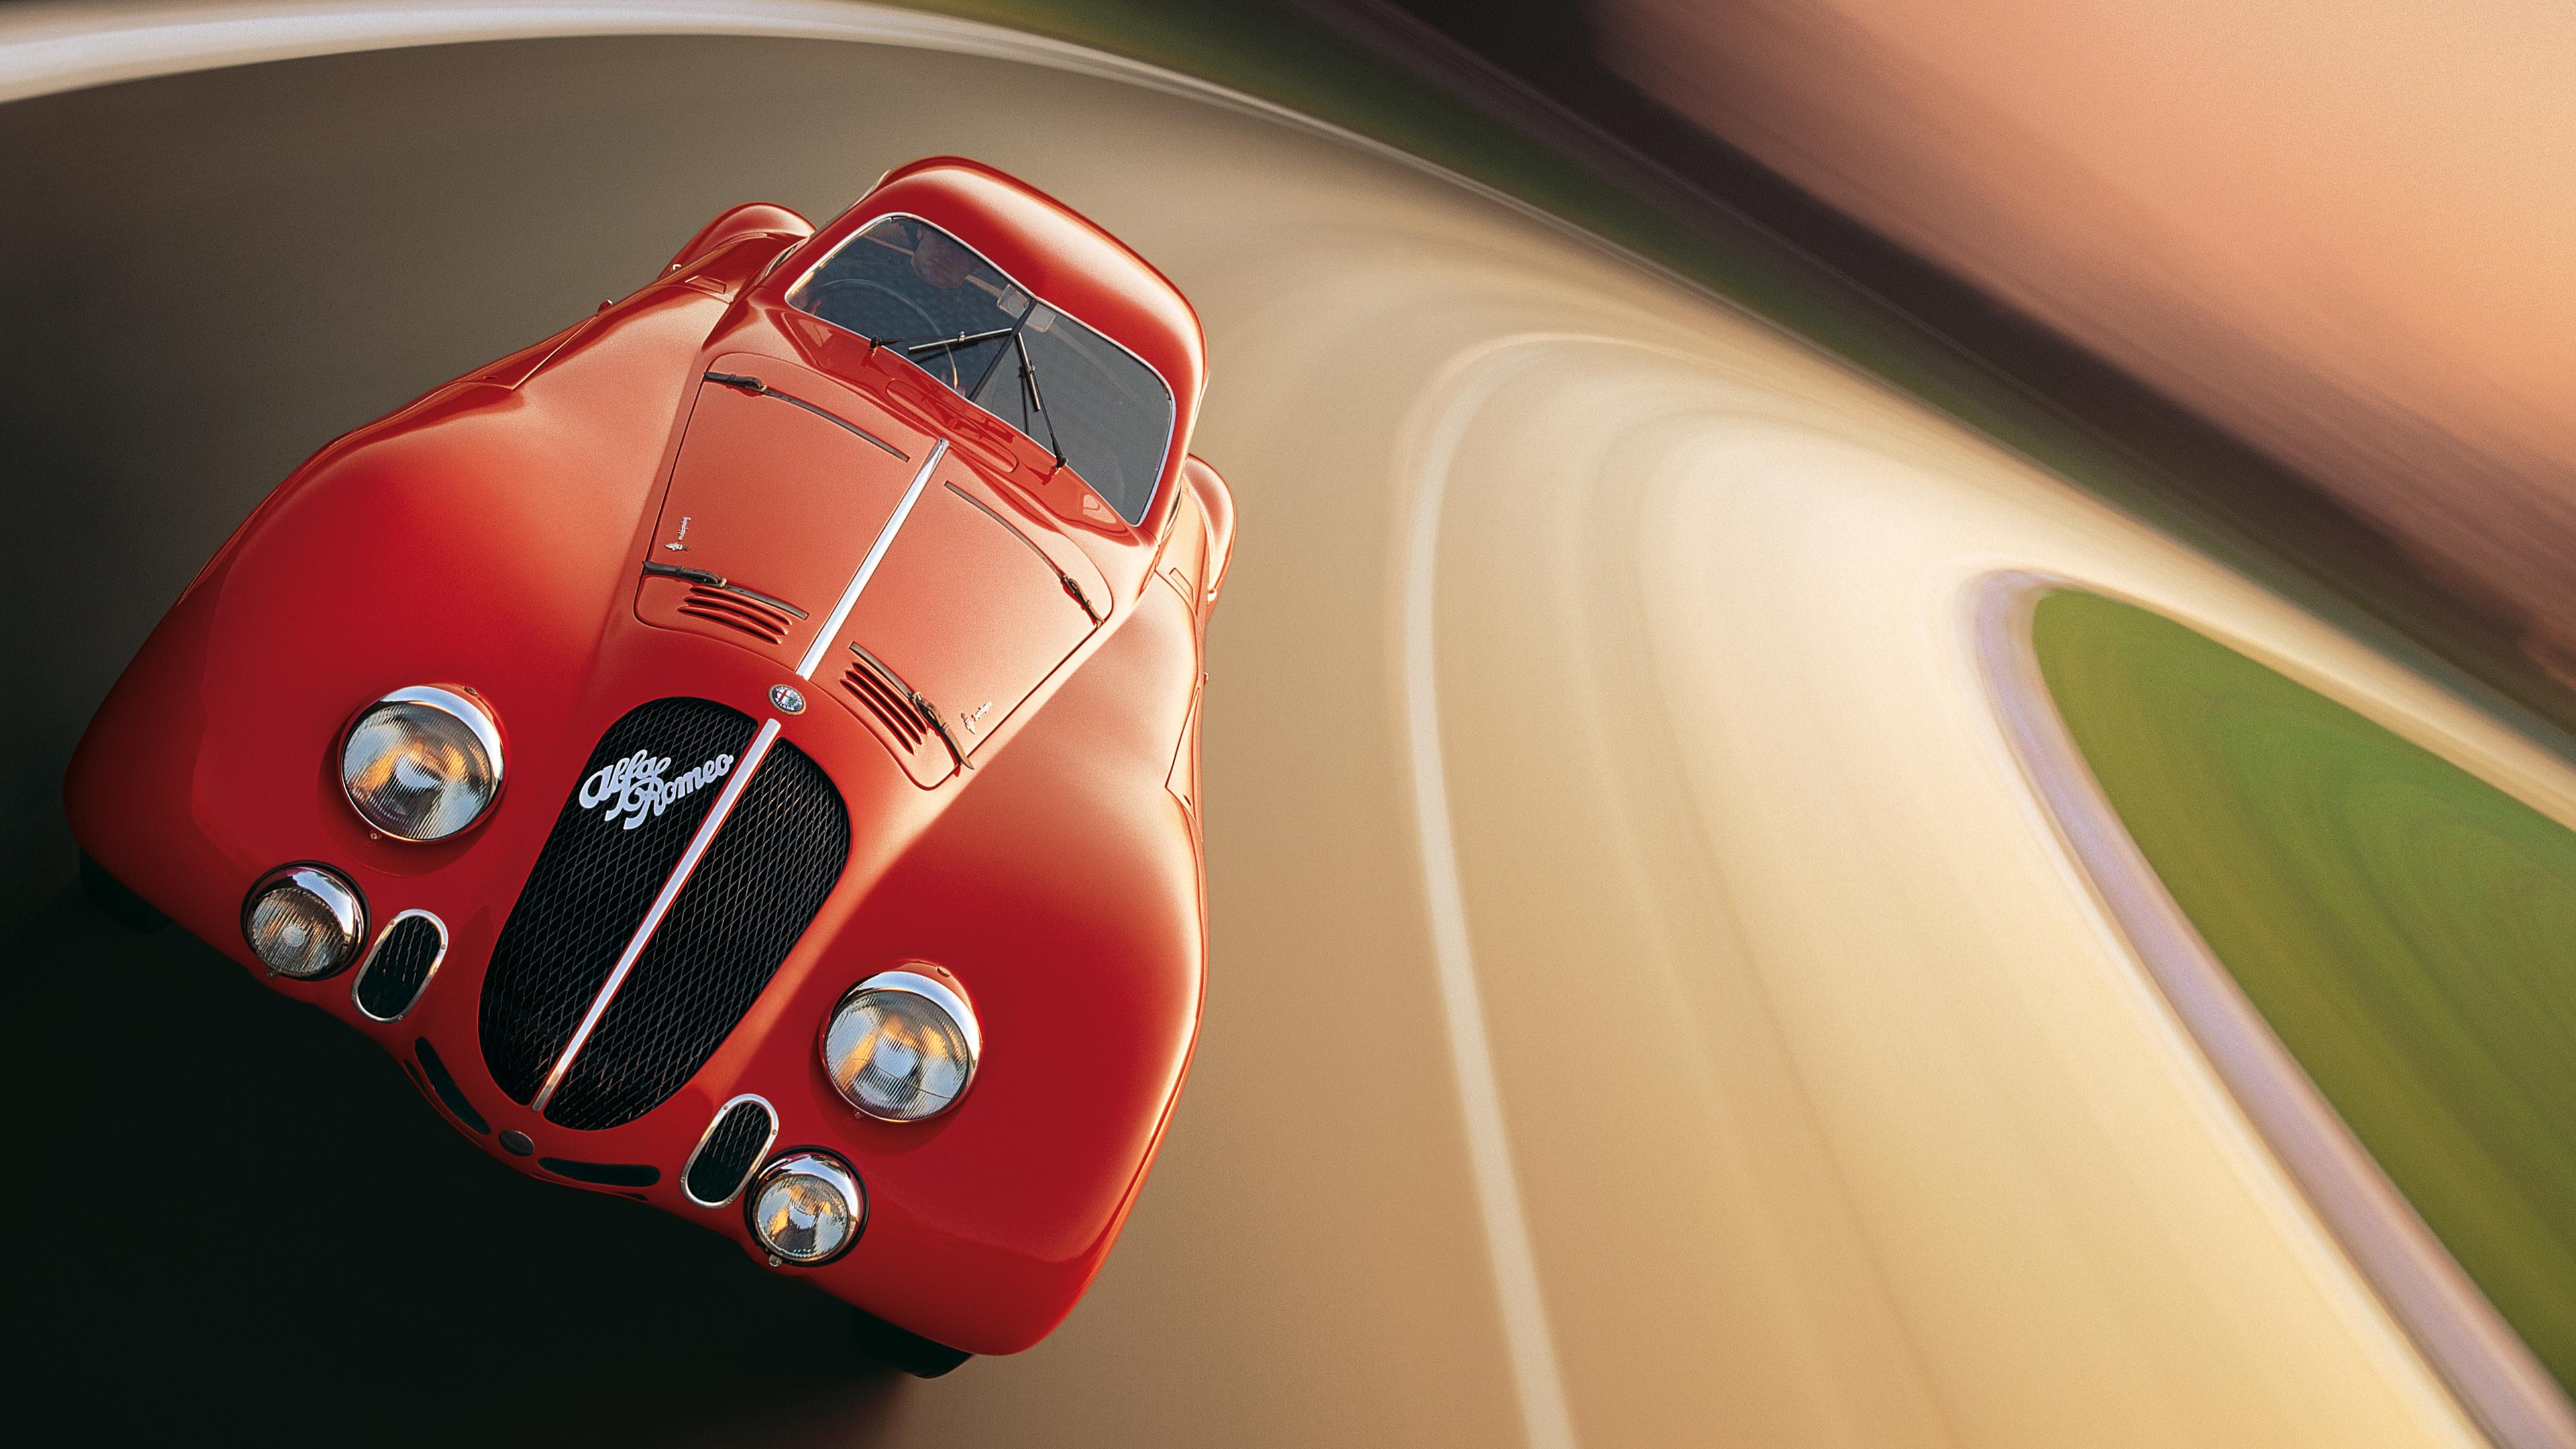 1938 alfa romeo 8c 2900b speciale le mans 1572660998 - 1938 Alfa Romeo 8C 2900B Speciale Le Mans - hd-wallpapers, cars wallpapers, alfa romeo wallpapers, alfa romeo 8c wallpapers, 4k-wallpapers